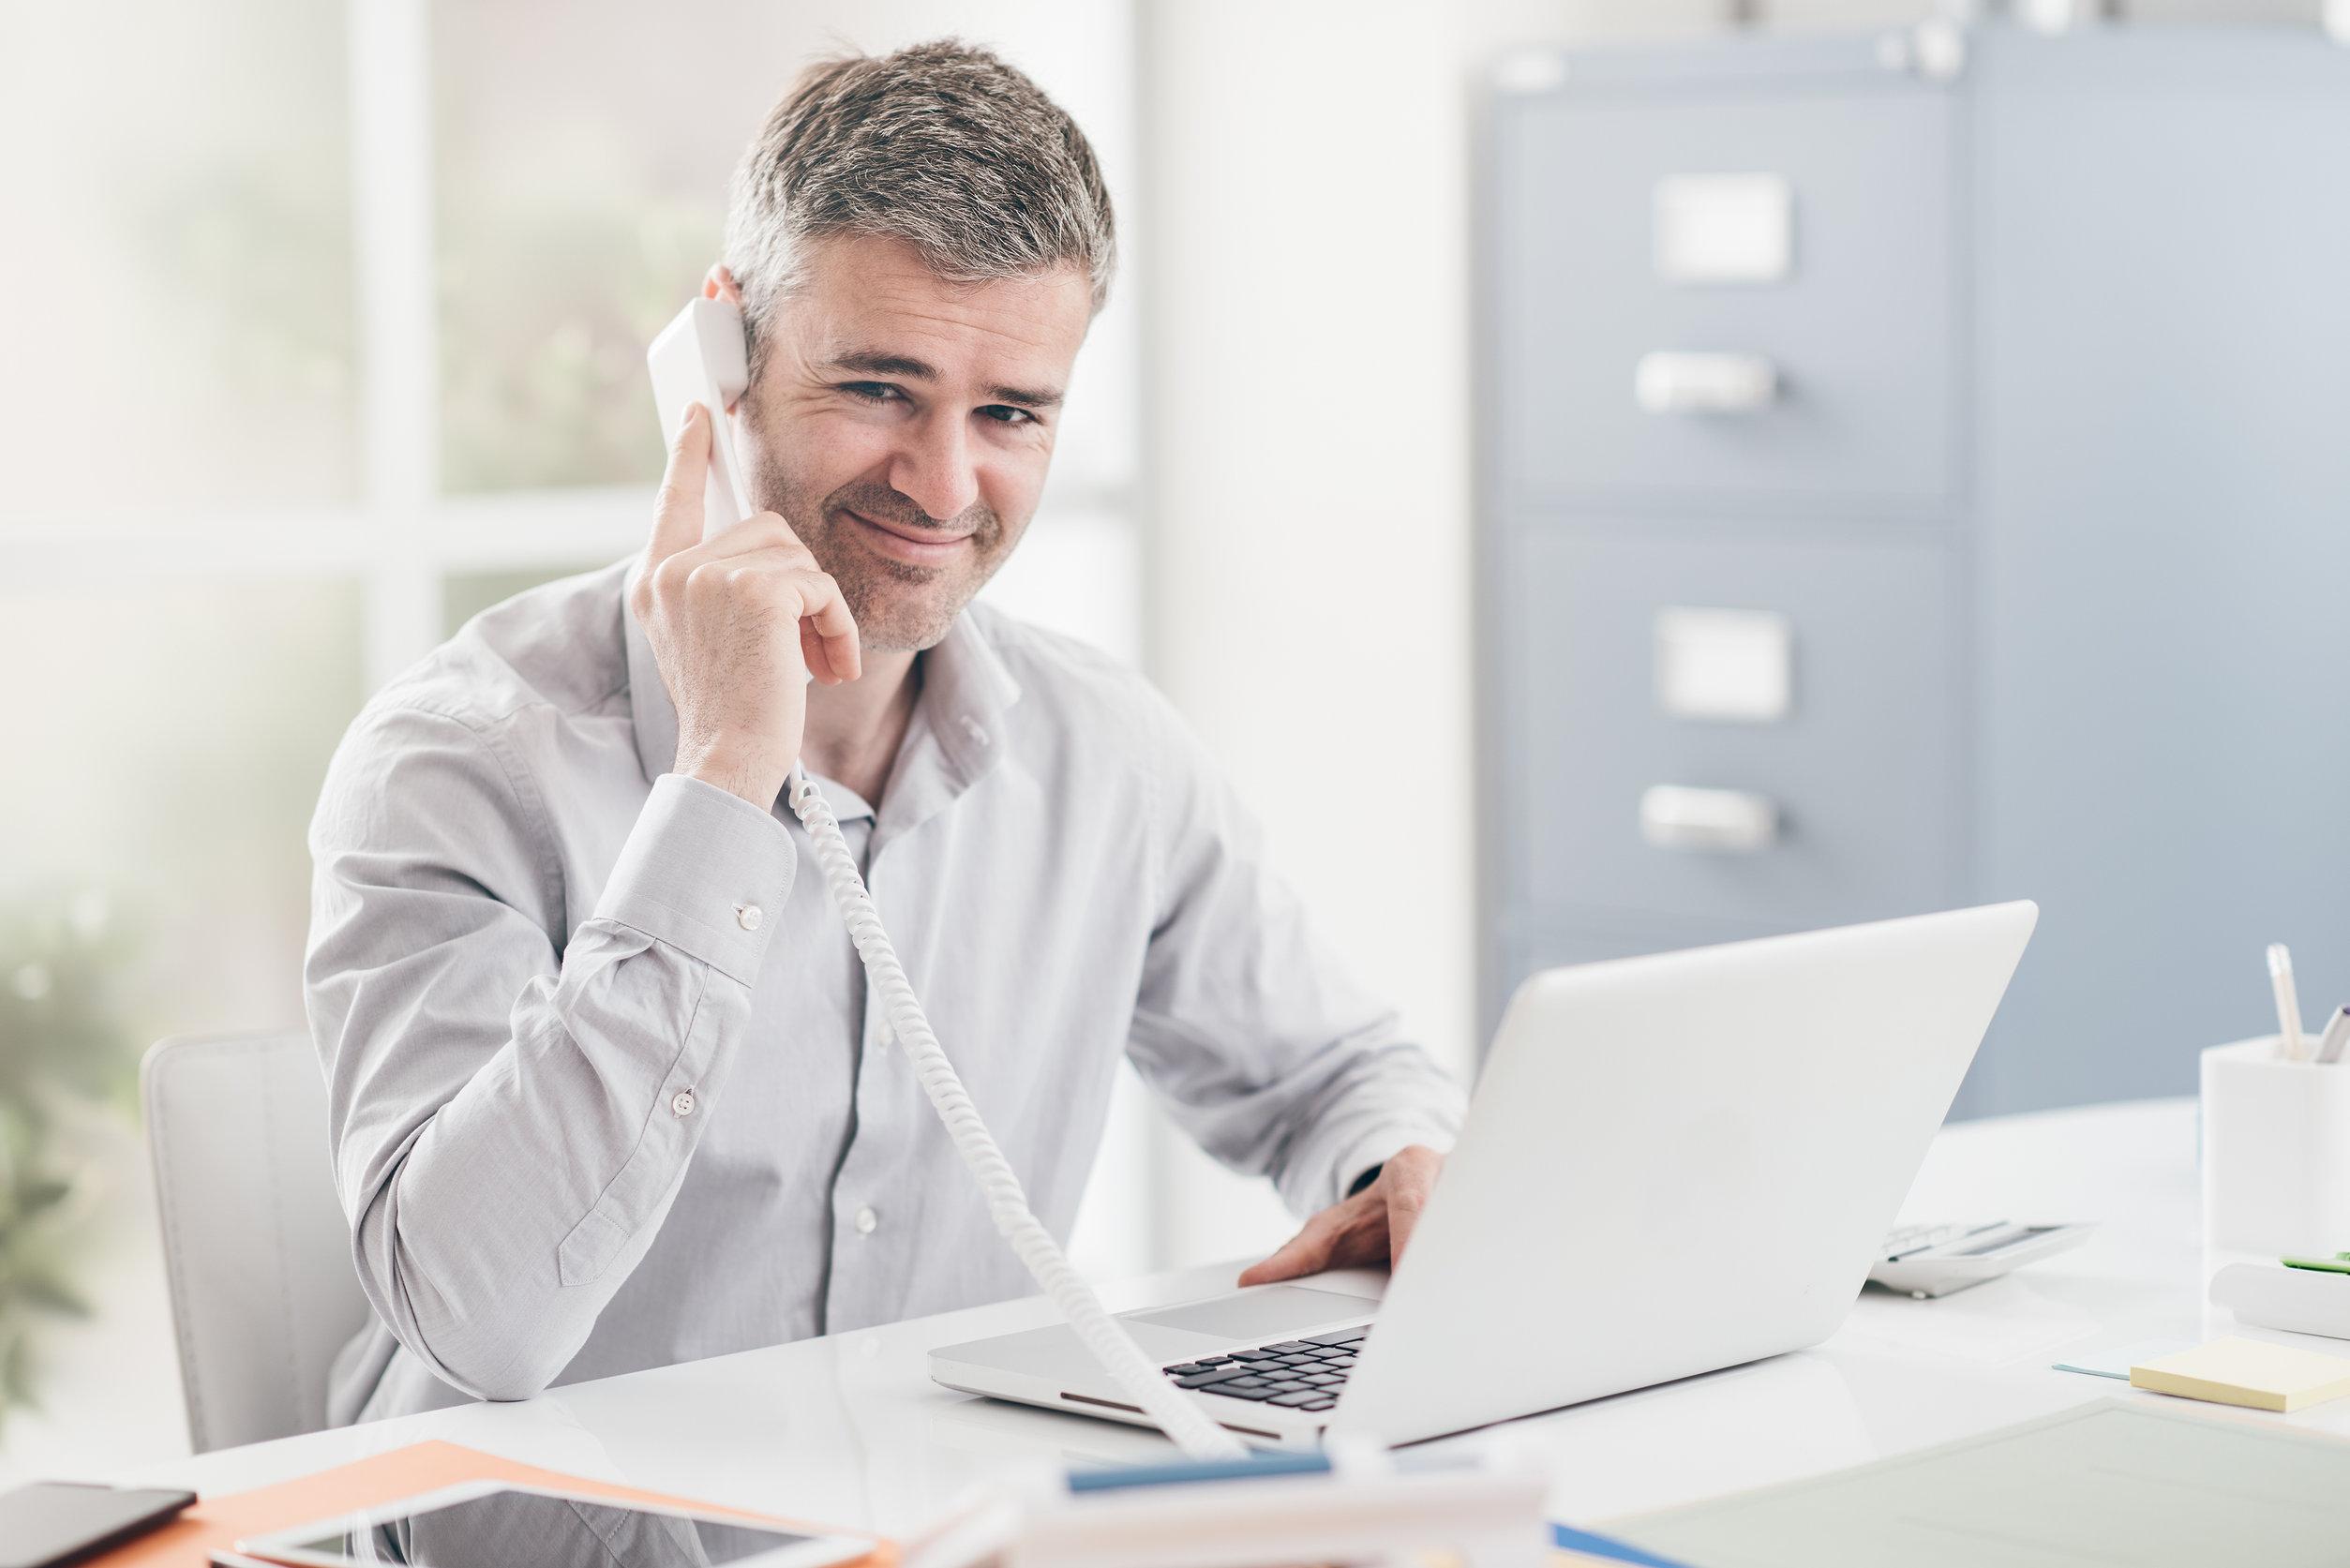 Homem lendo a prescrição de um remédio em uma mesa com computador e vários papéis amassados